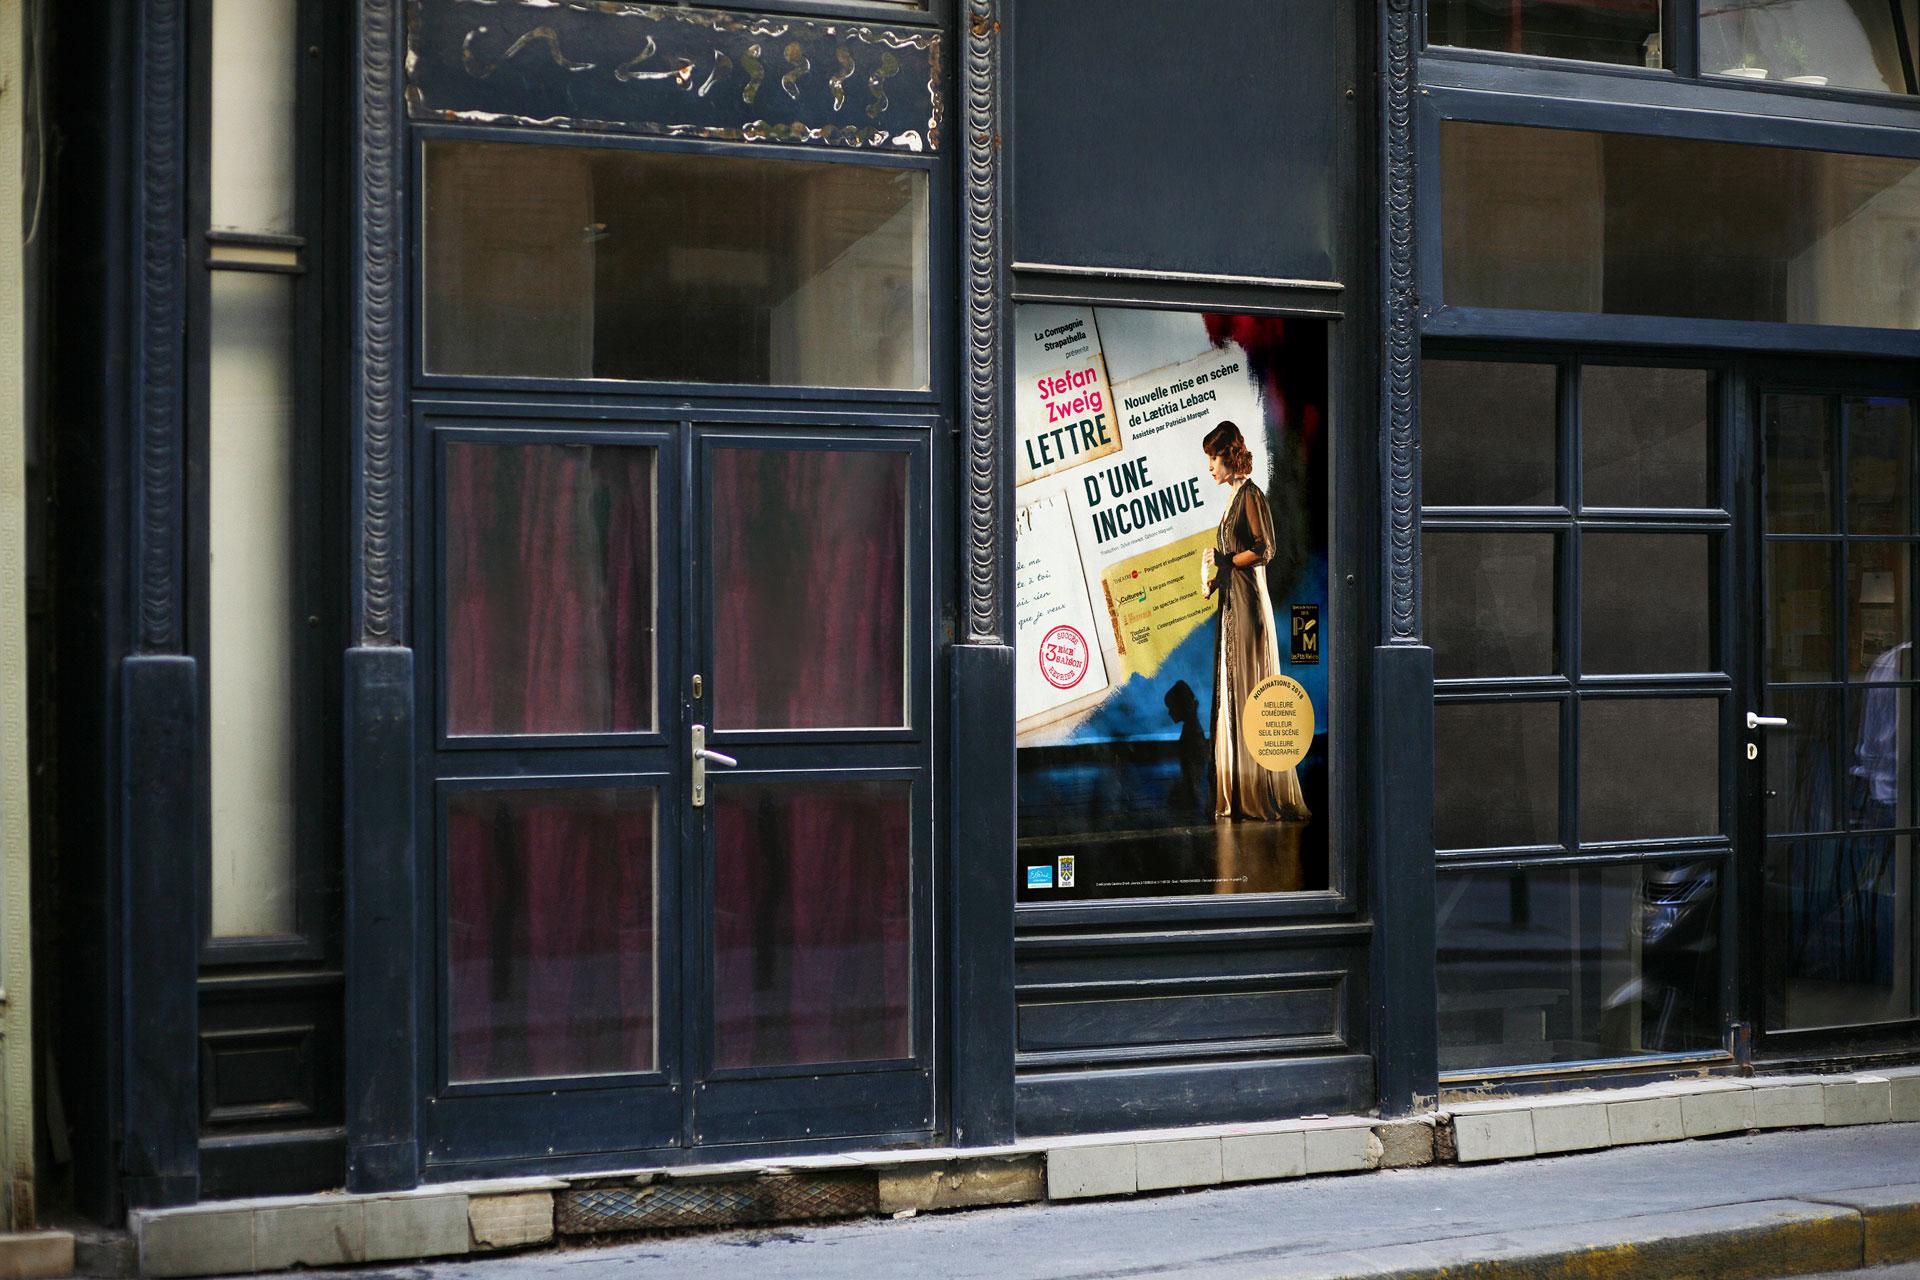 Mise en situation de la nouvelle affiche de théâtre pour la Lettre d'une belle inconnue de Stefan Zweig avec Laetitia Lebacq